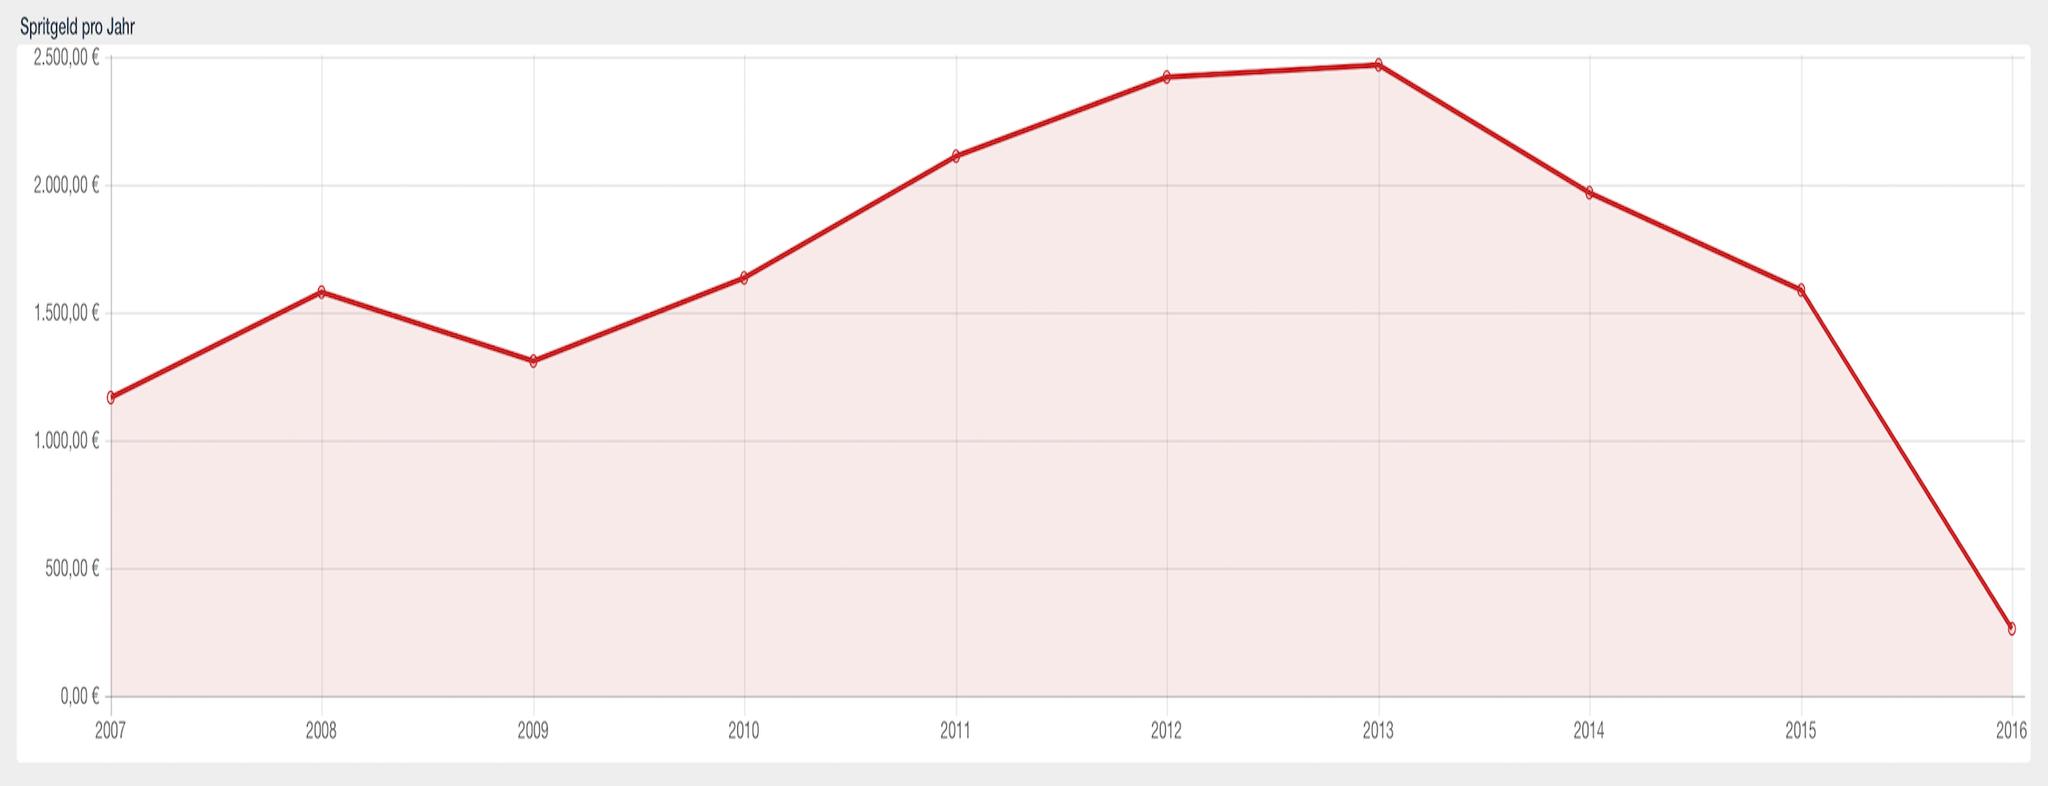 Was wurde pro Jahr jeweils an Spritgeld ausgegeben?